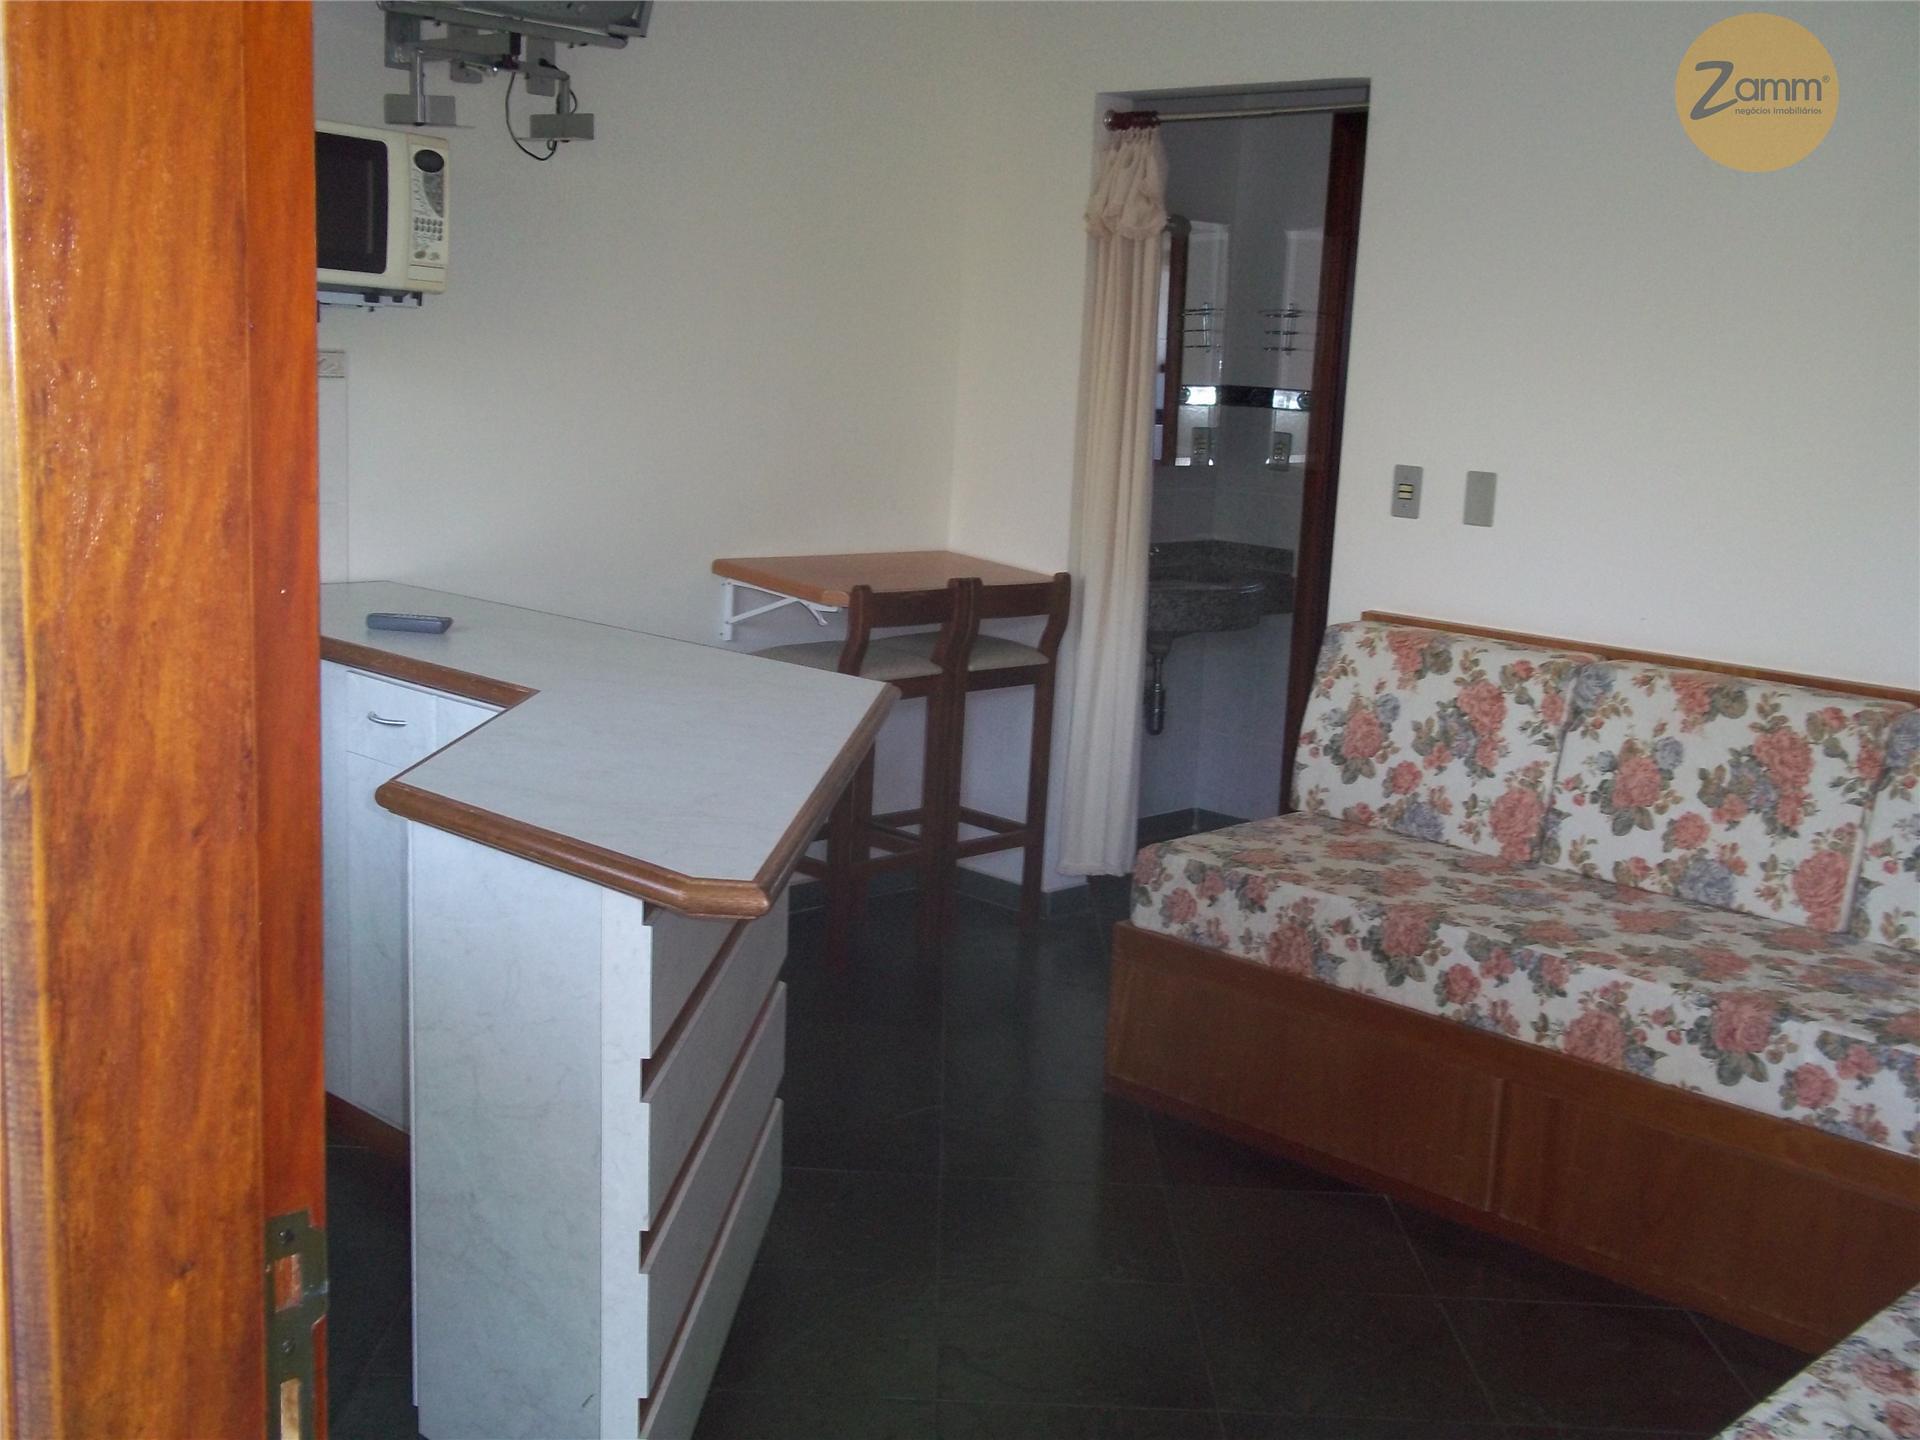 Flat de 1 dormitório em Da Serra De Cima, Serra Negra - SP